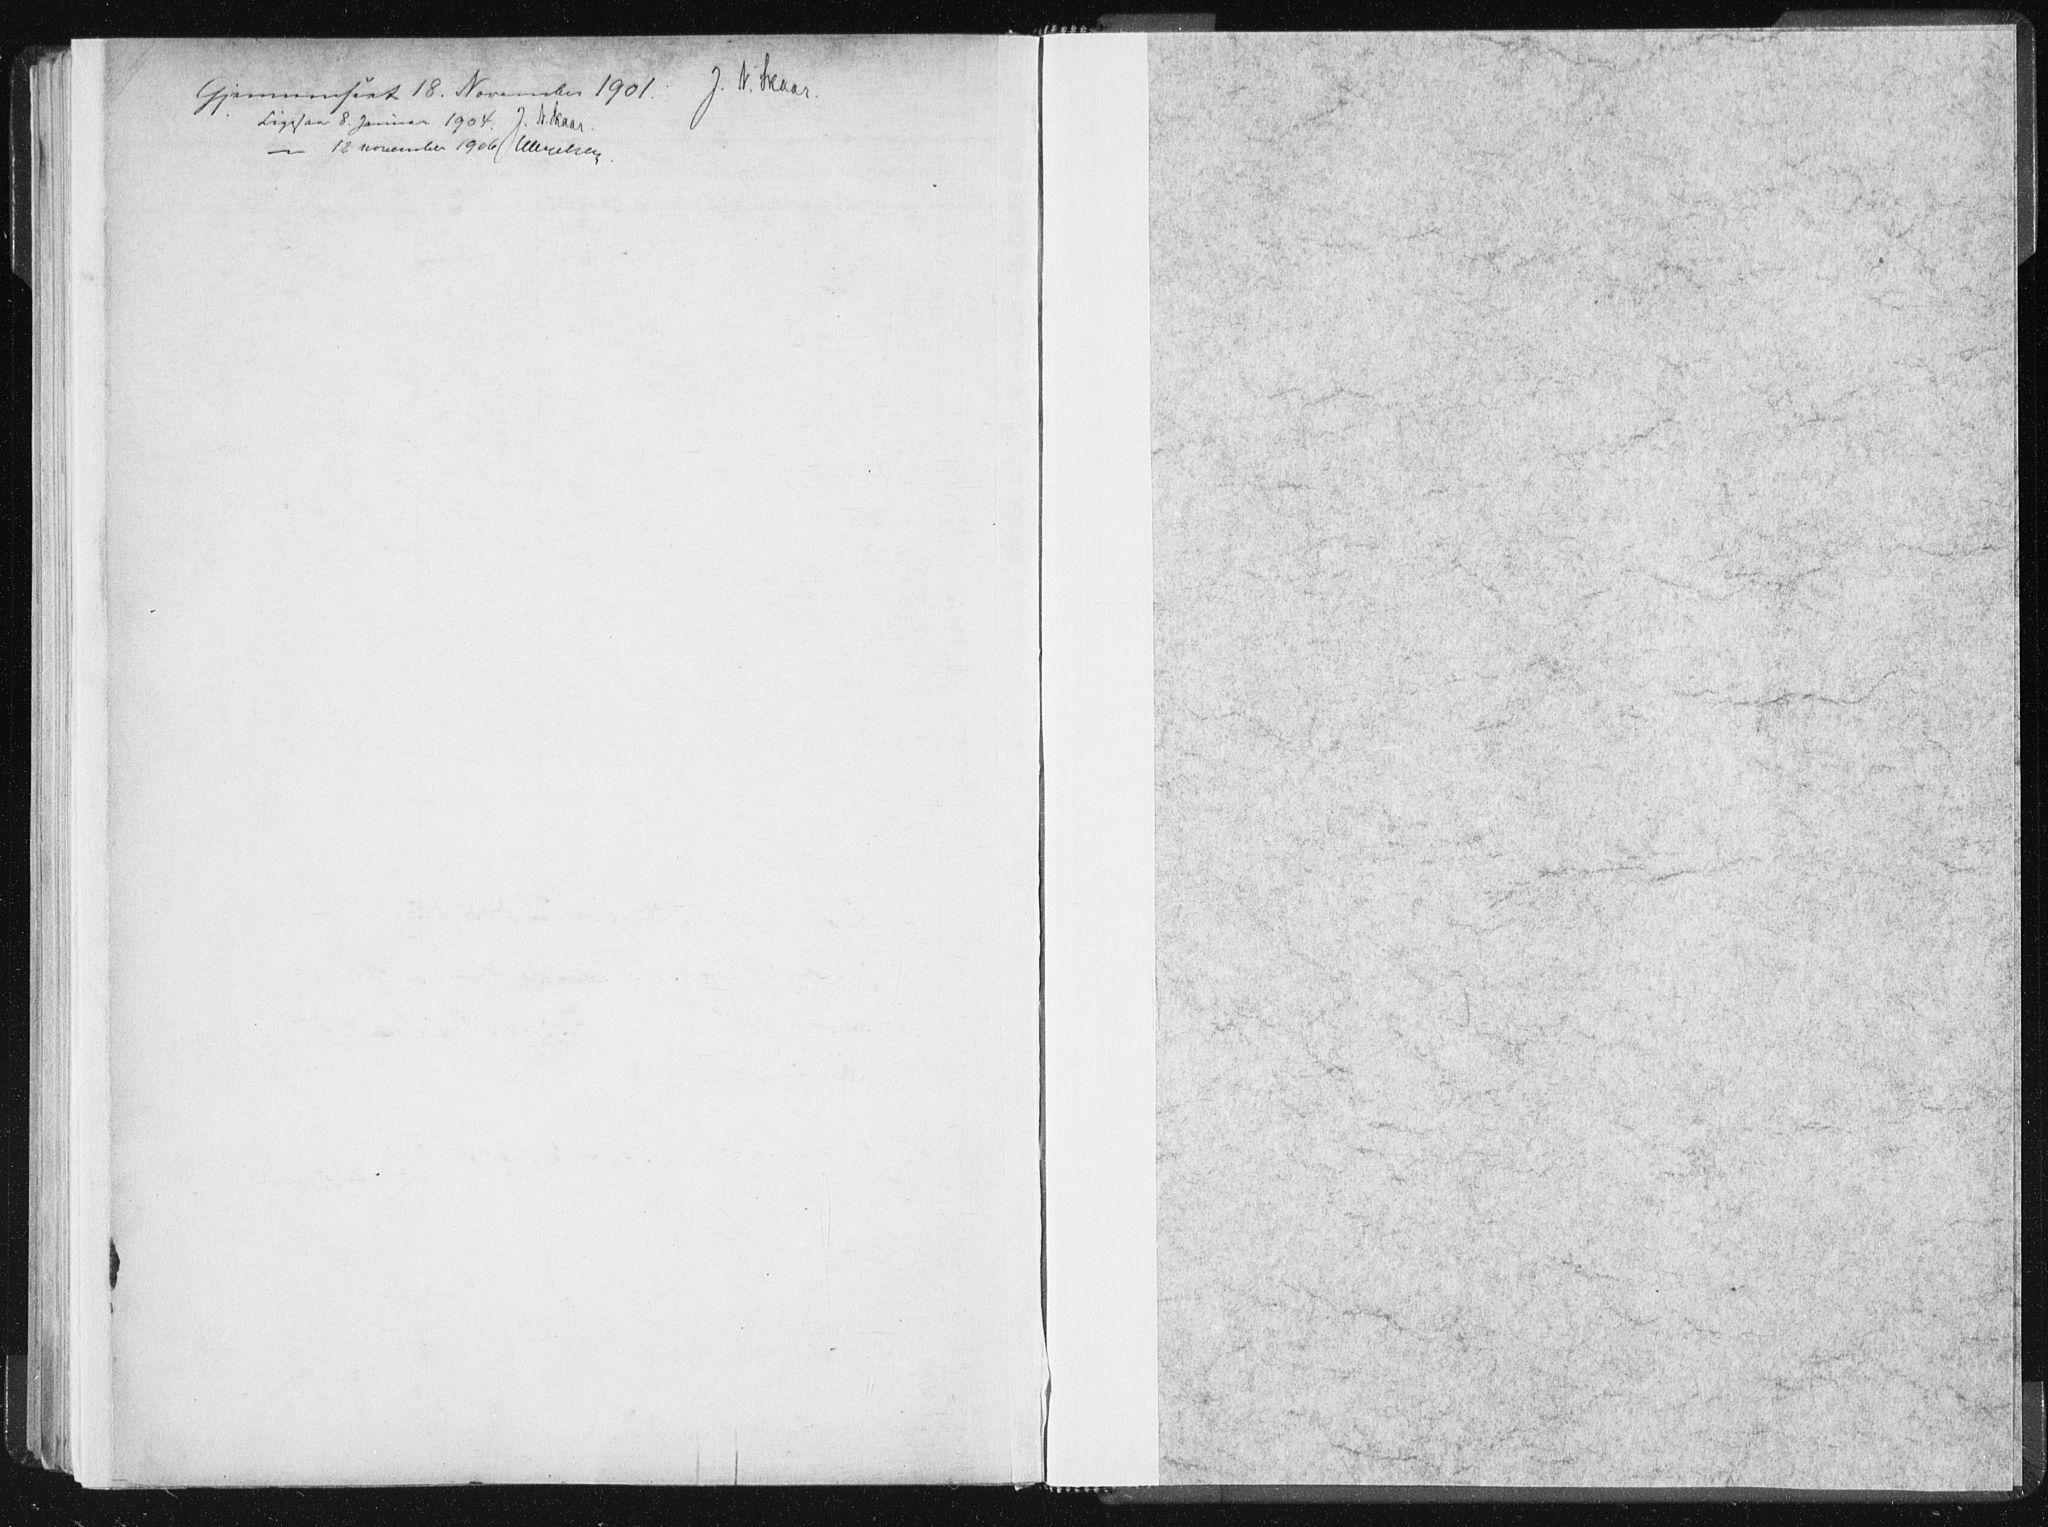 SAT, Ministerialprotokoller, klokkerbøker og fødselsregistre - Sør-Trøndelag, 604/L0200: Ministerialbok nr. 604A20II, 1901-1908